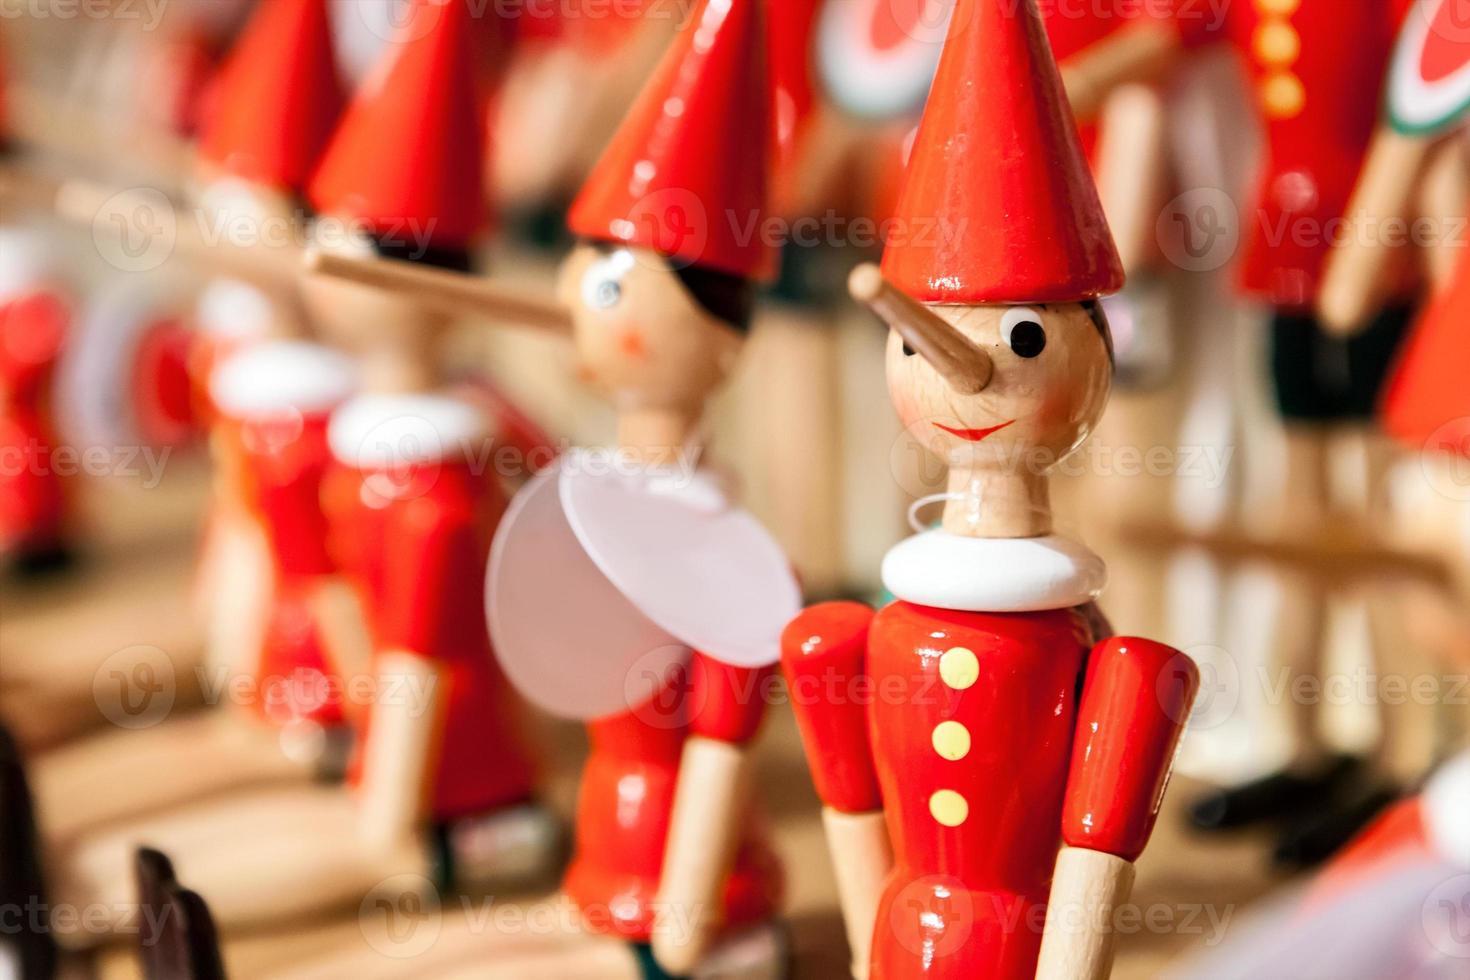 jouet pinocchio traditionnel en bois. photo